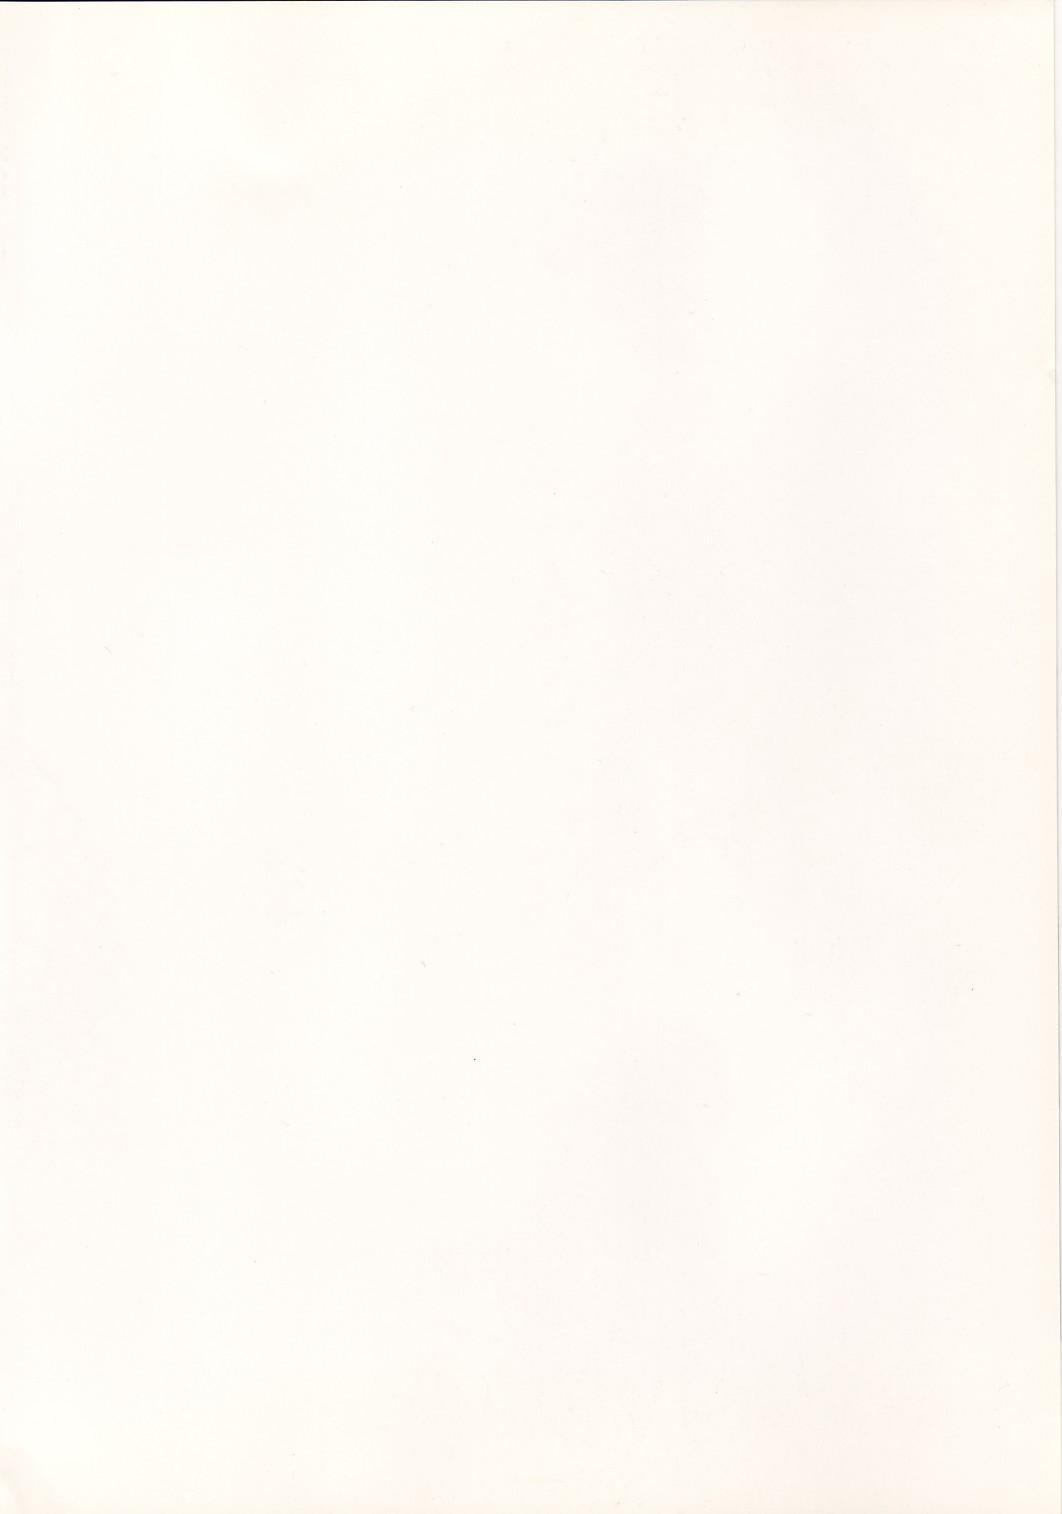 Kaburimon Vol. 2 38